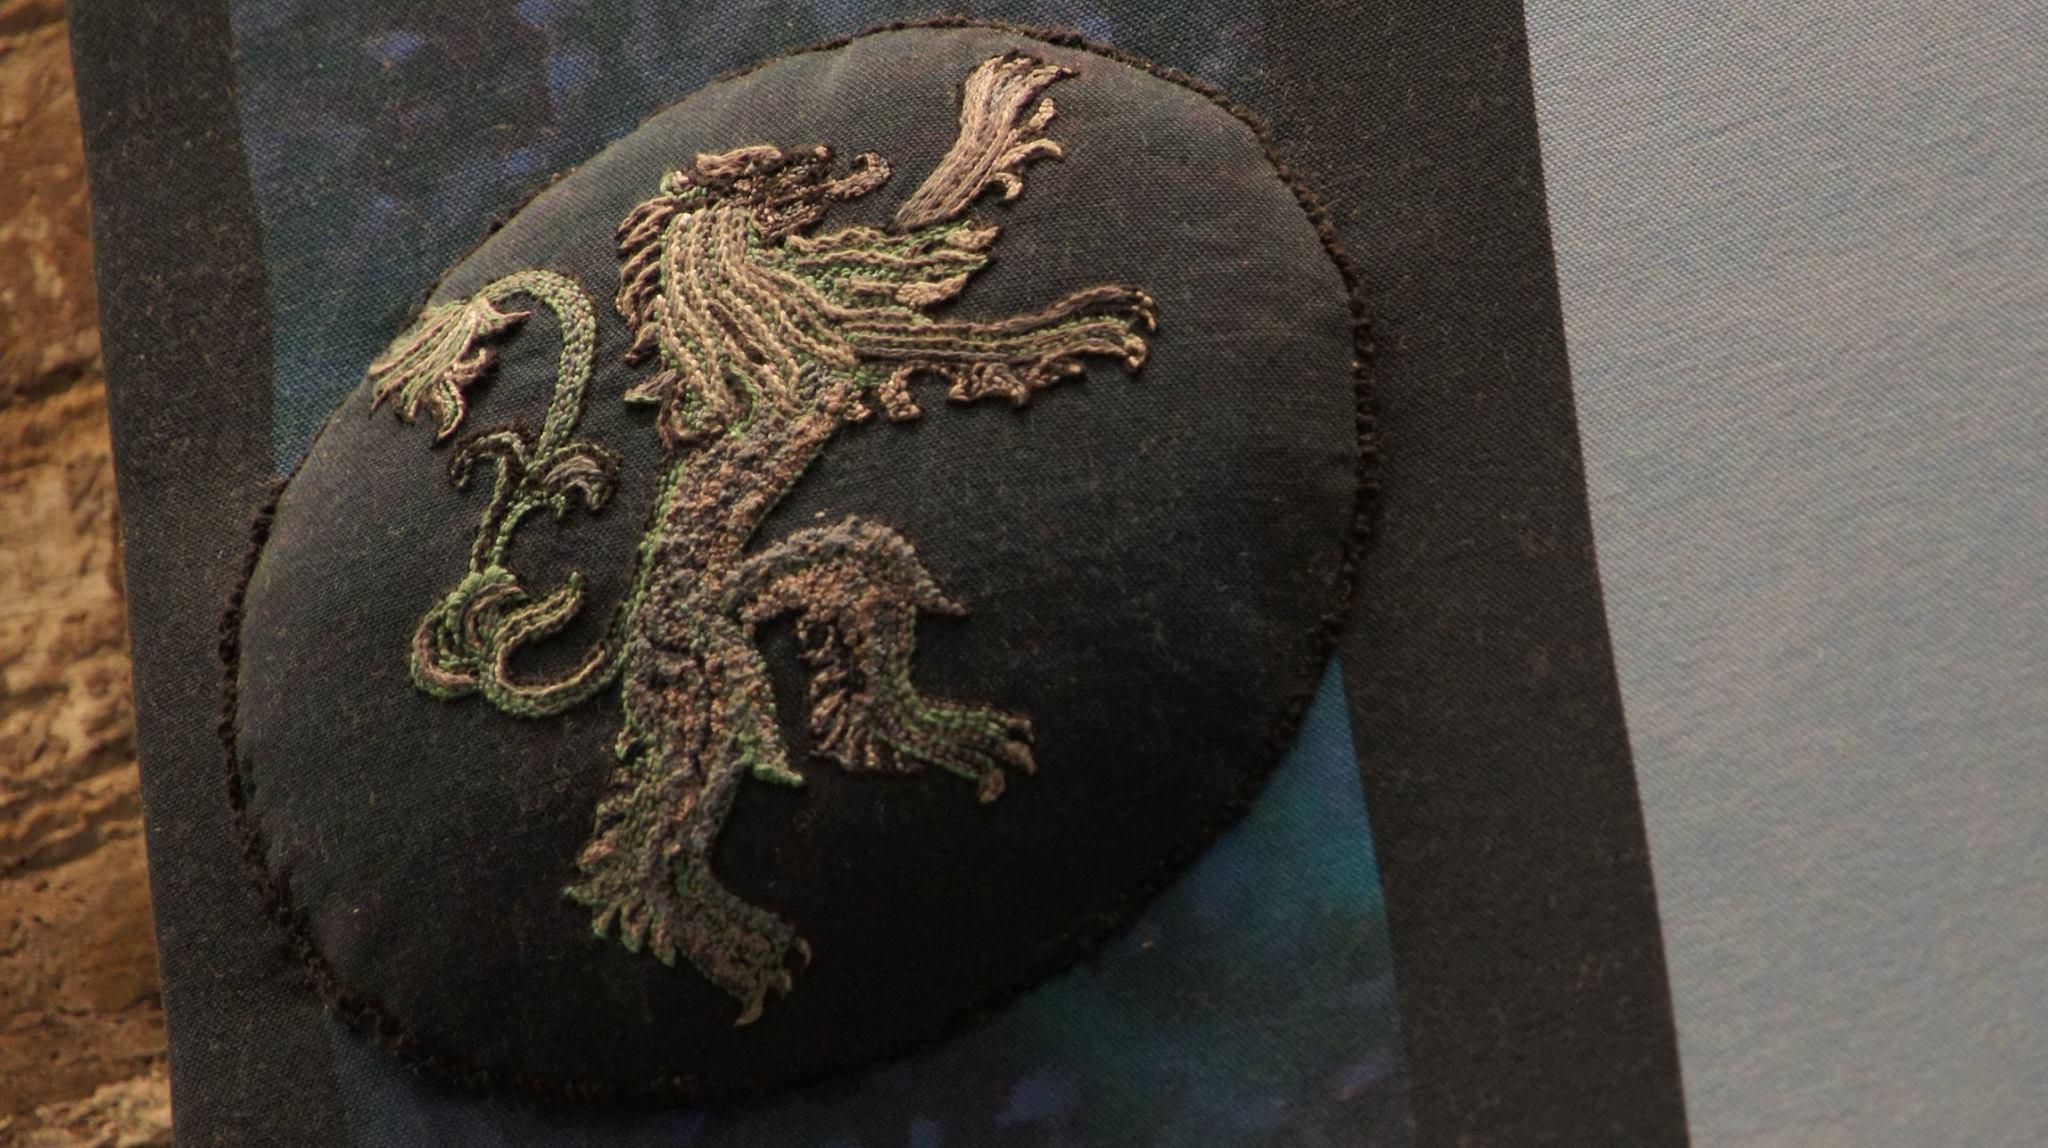 Лъвът е символът на дома Ланистър, бродерия с цветни конци